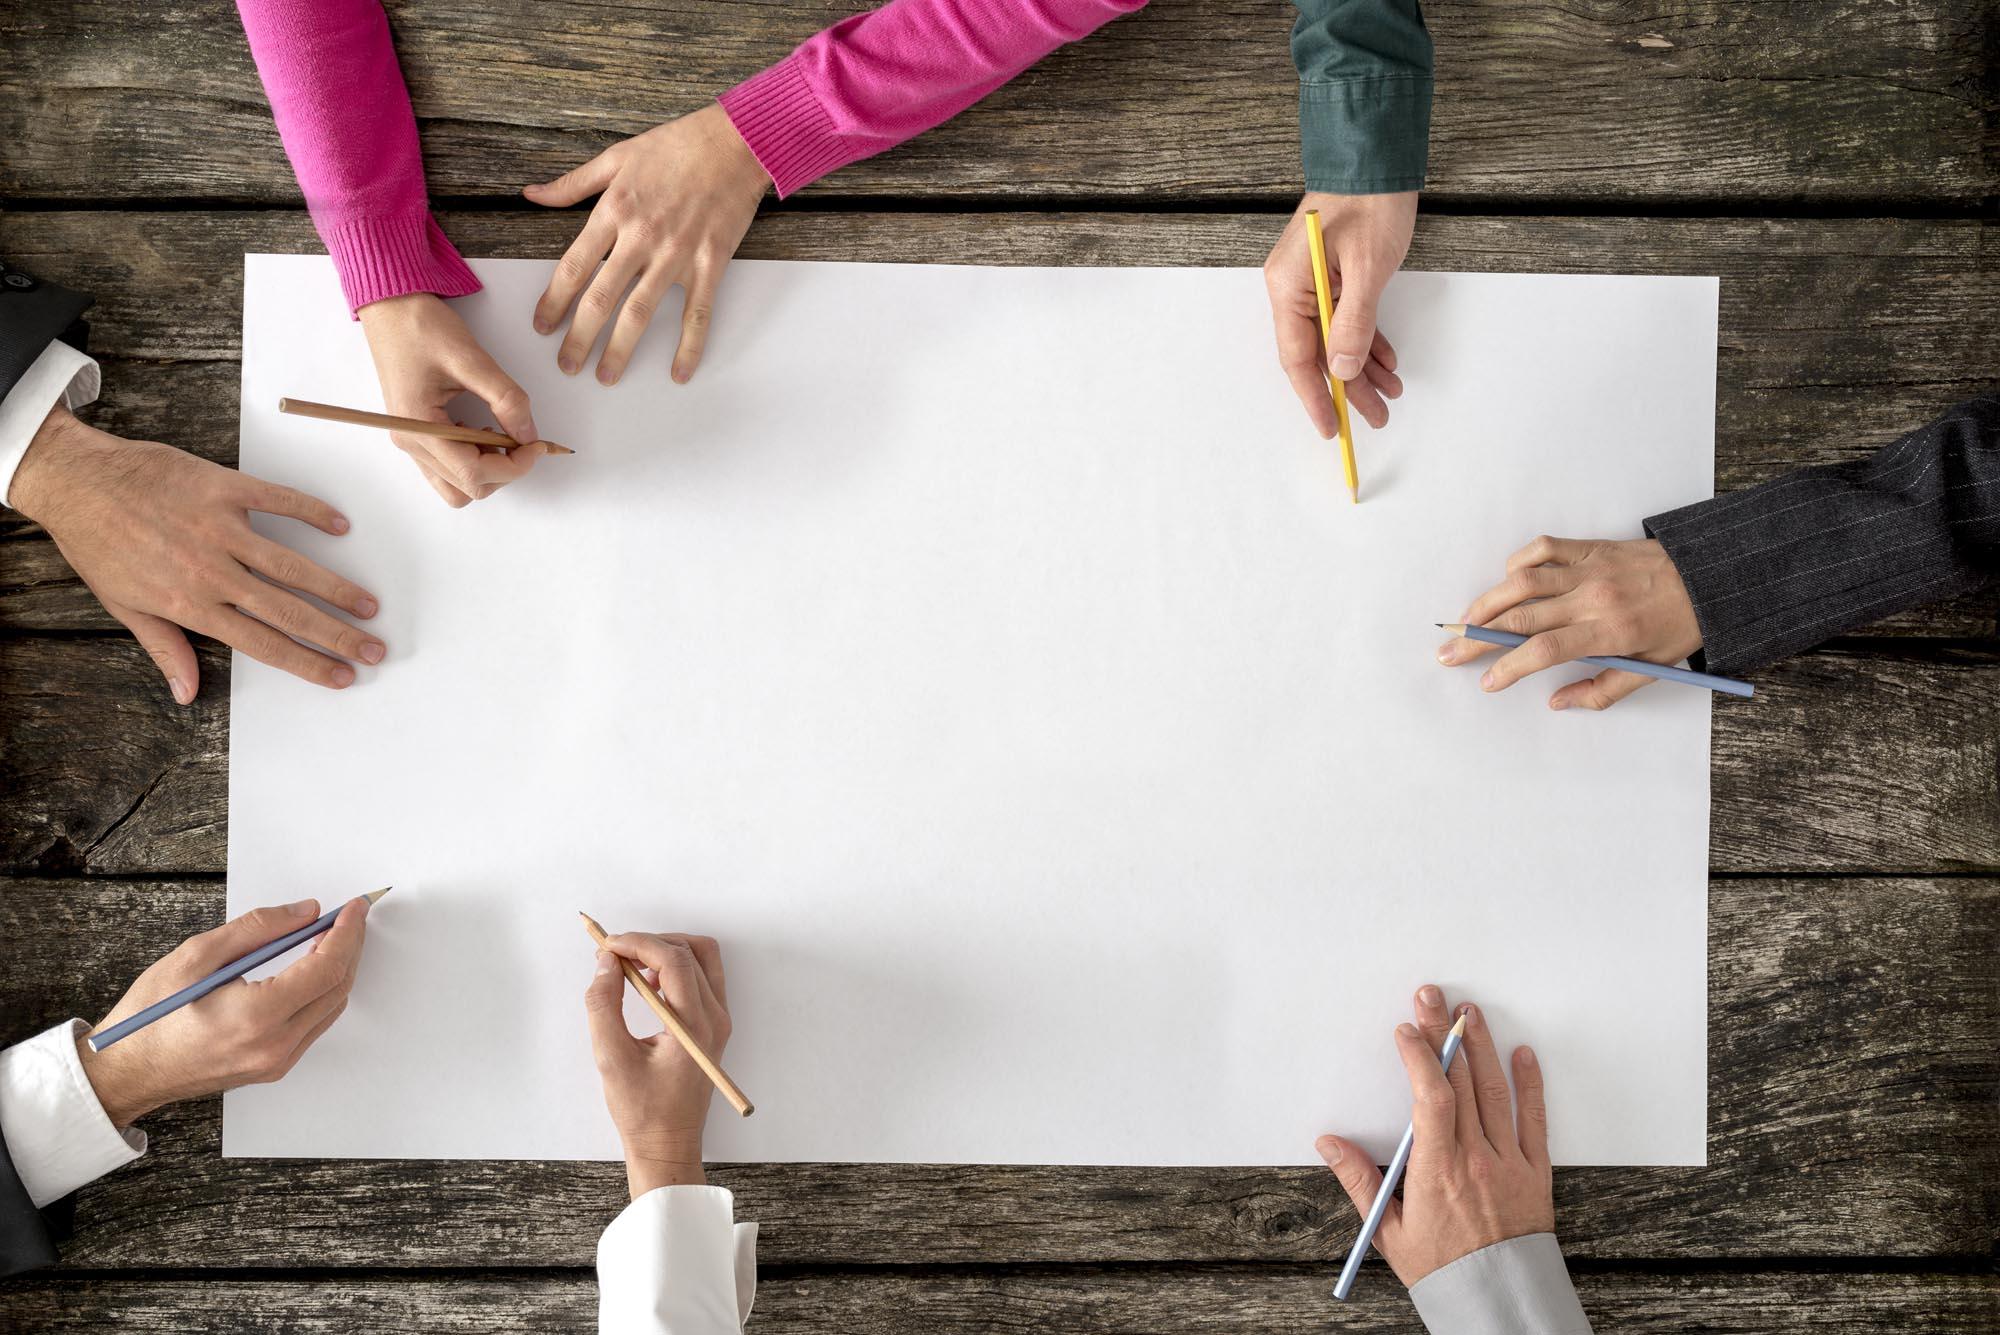 Opinión: Trabajo en equipo, ¿un apoyo o un estresor más?